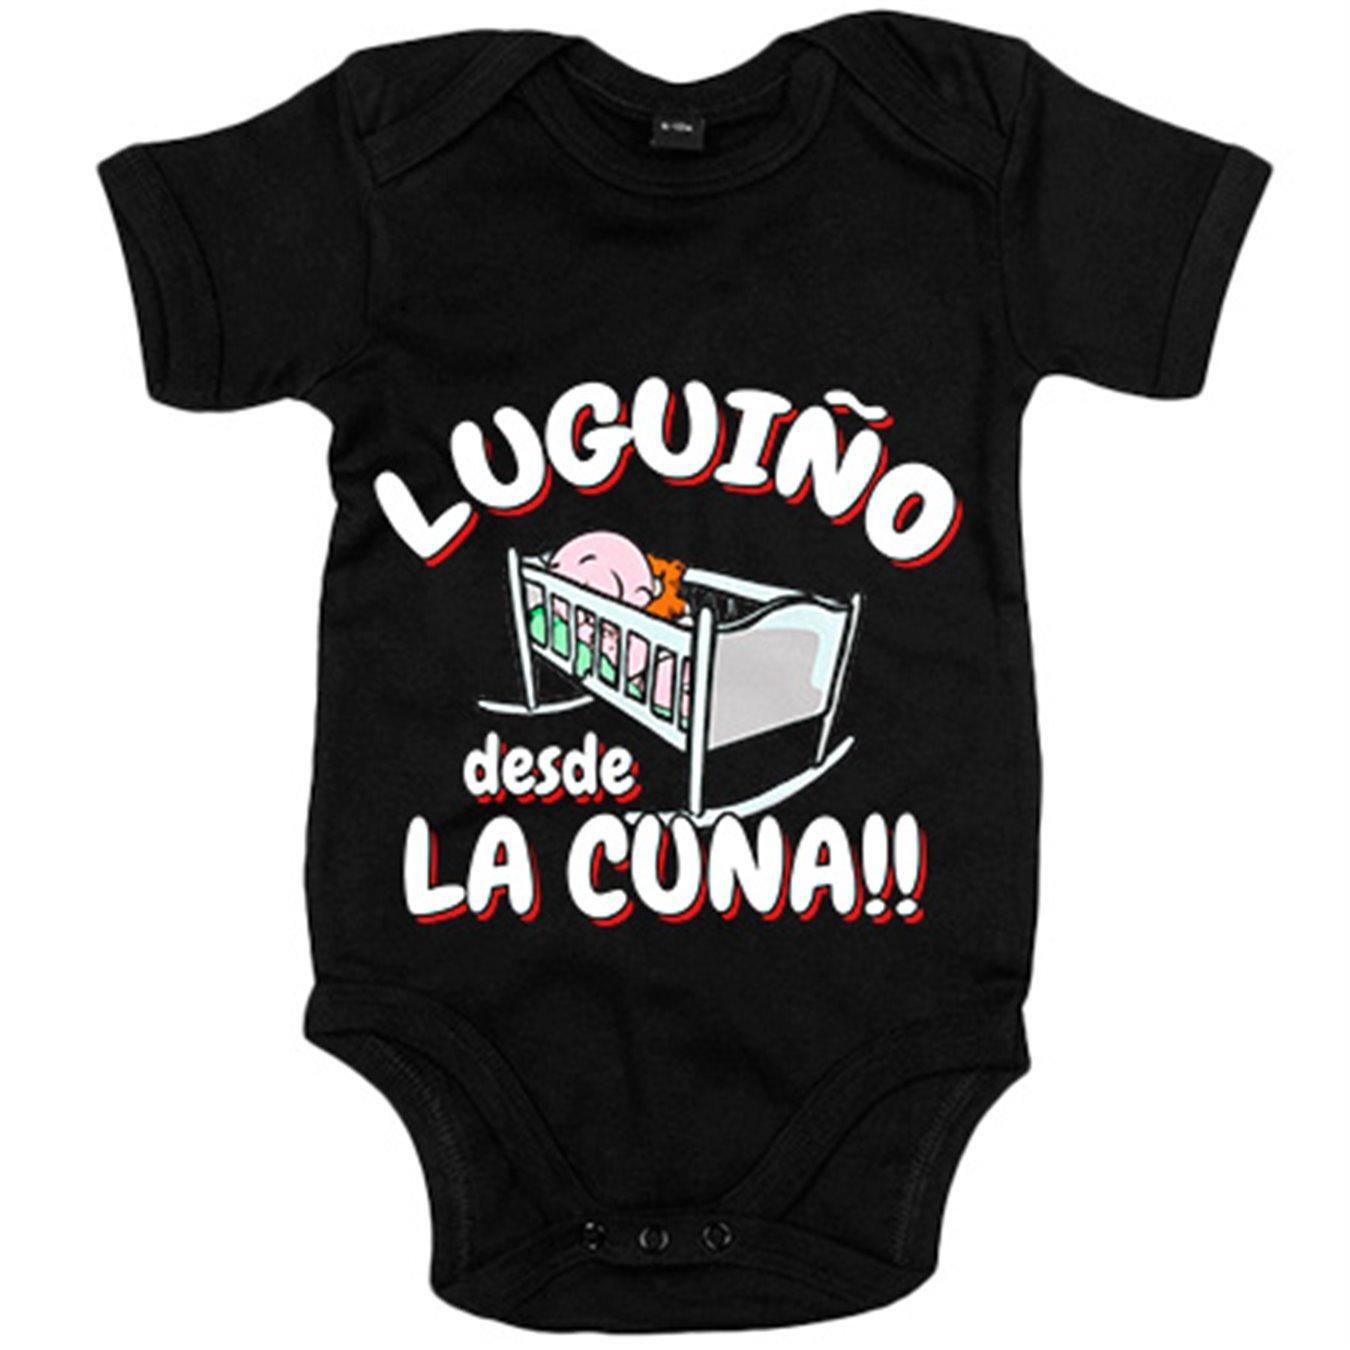 Body bebé Luguiño desde la cuna Lugo fútbol - Blanco, 6-12 ...